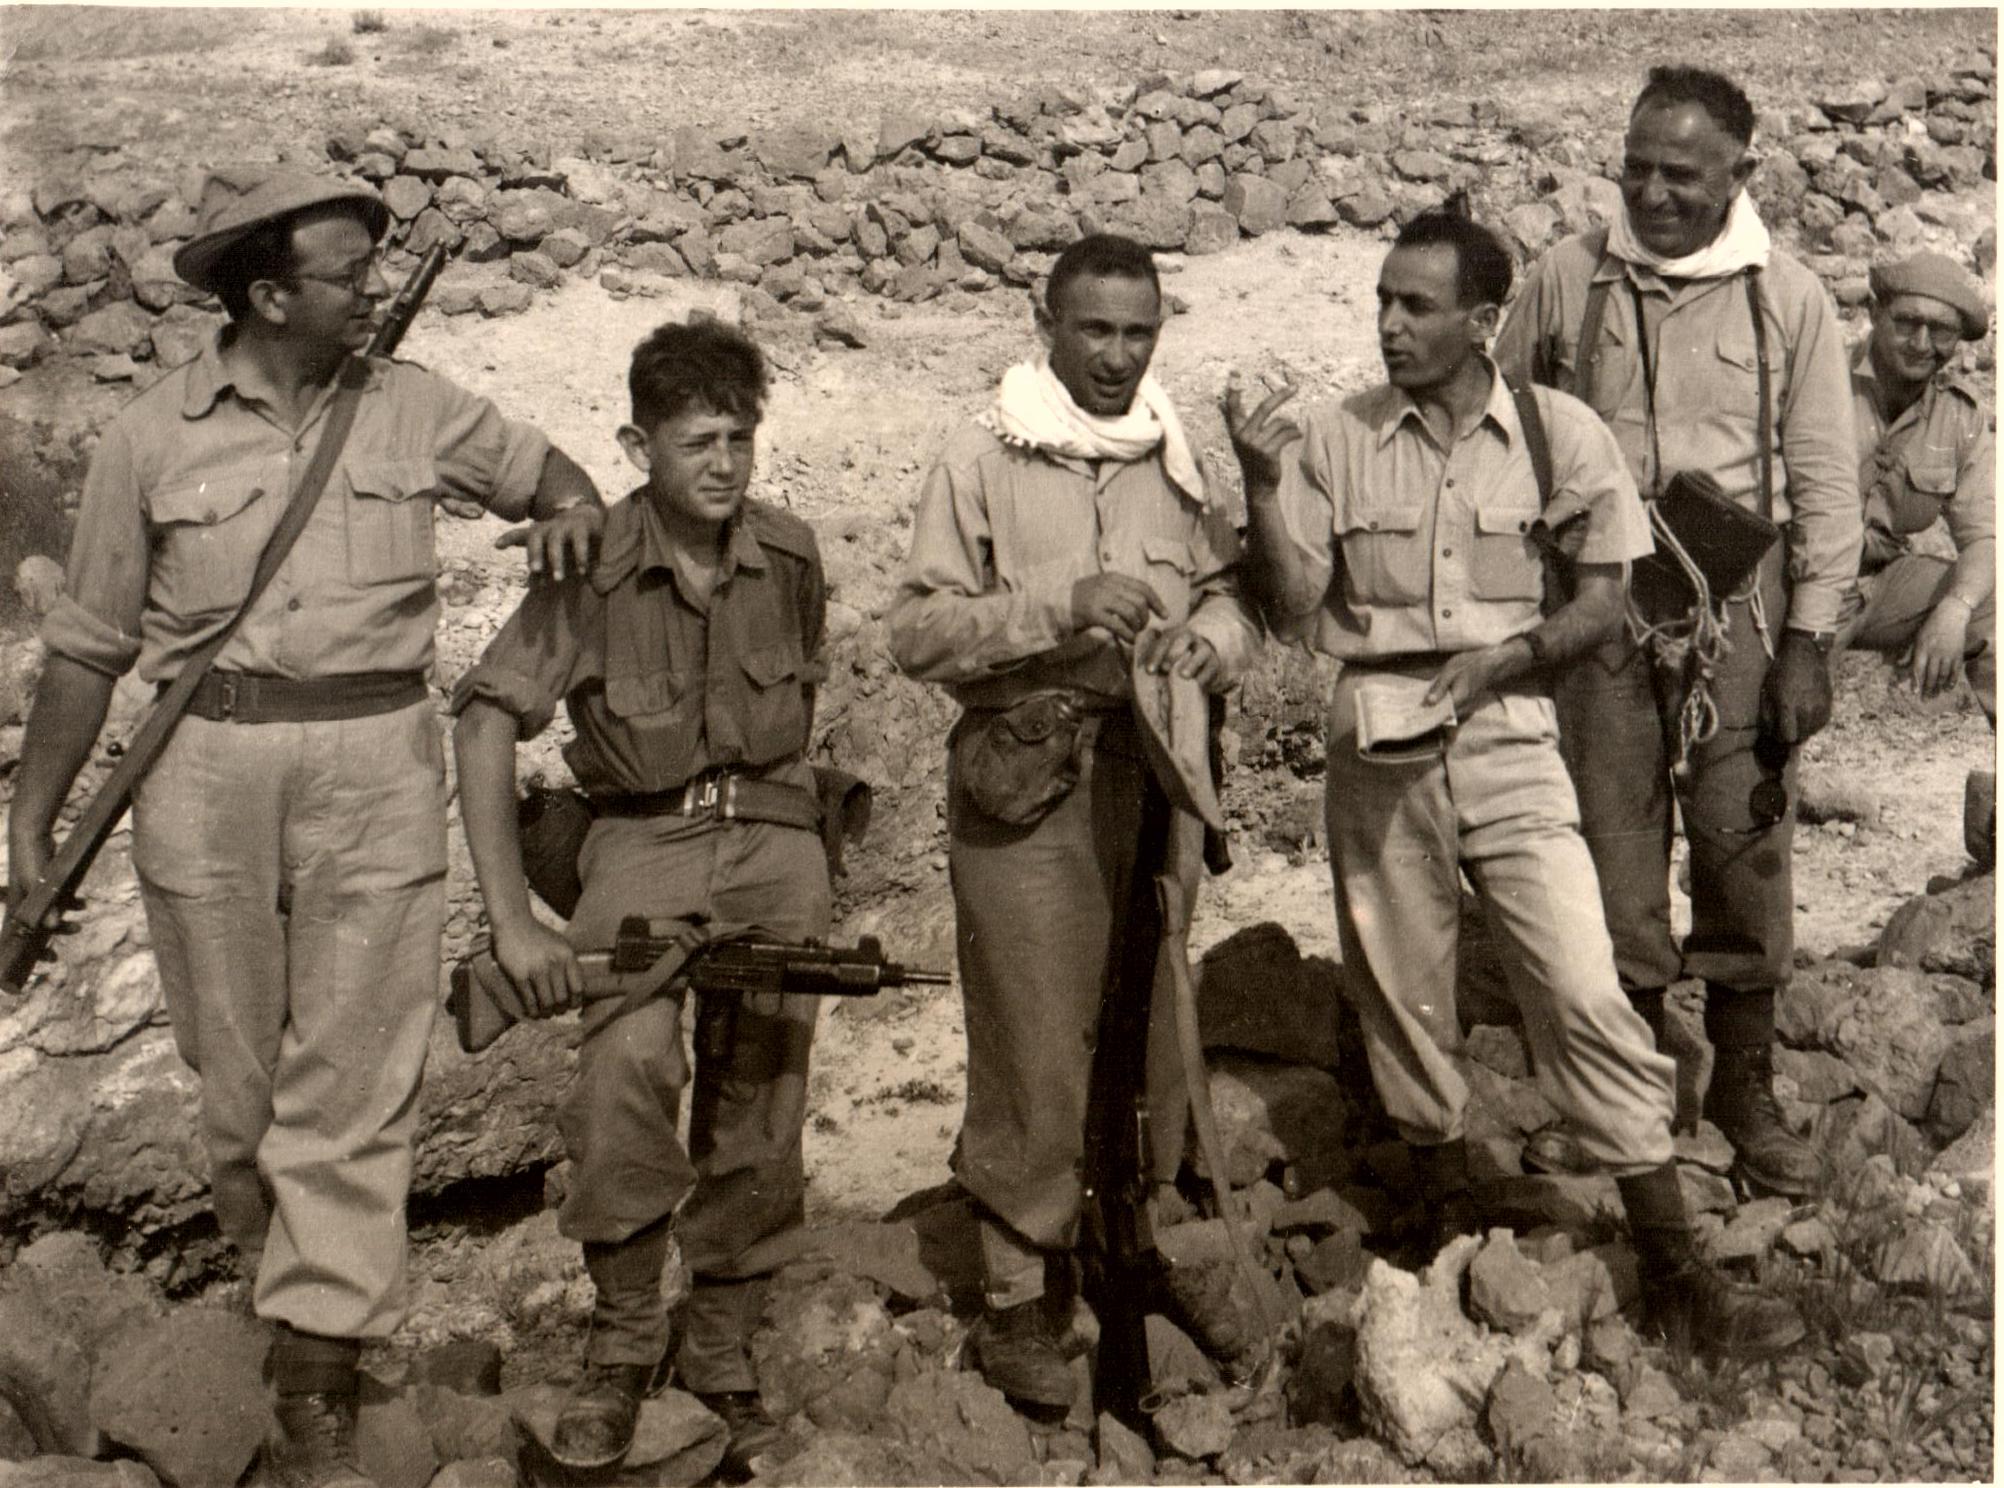 1946  Comandante del Servicio de Información de la Haganah